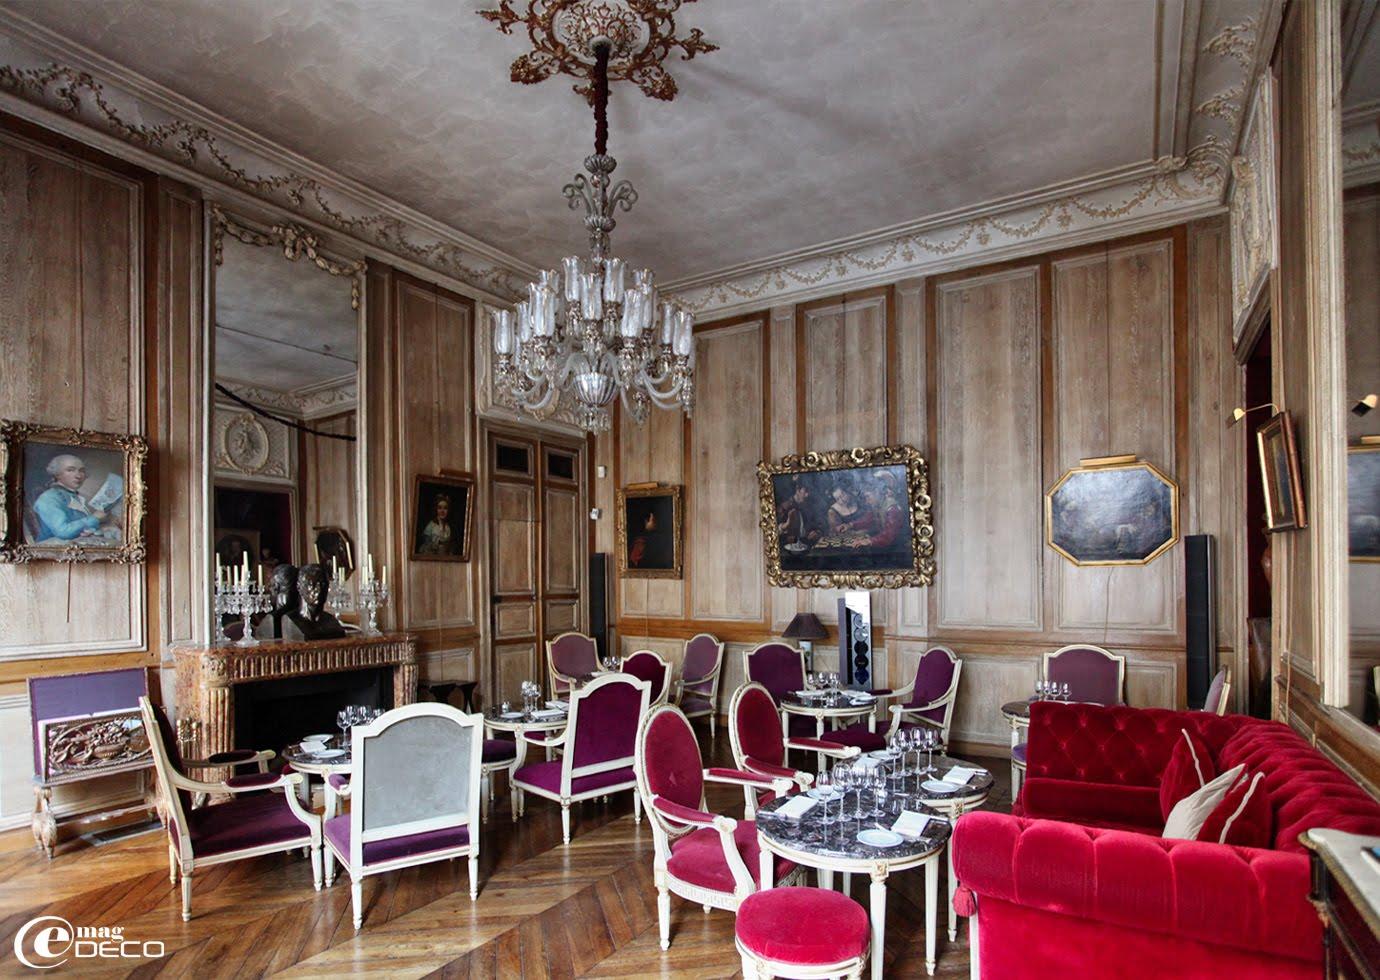 Le salon de musique, décoré sous Louis XVI, restaurant 1728 à Paris